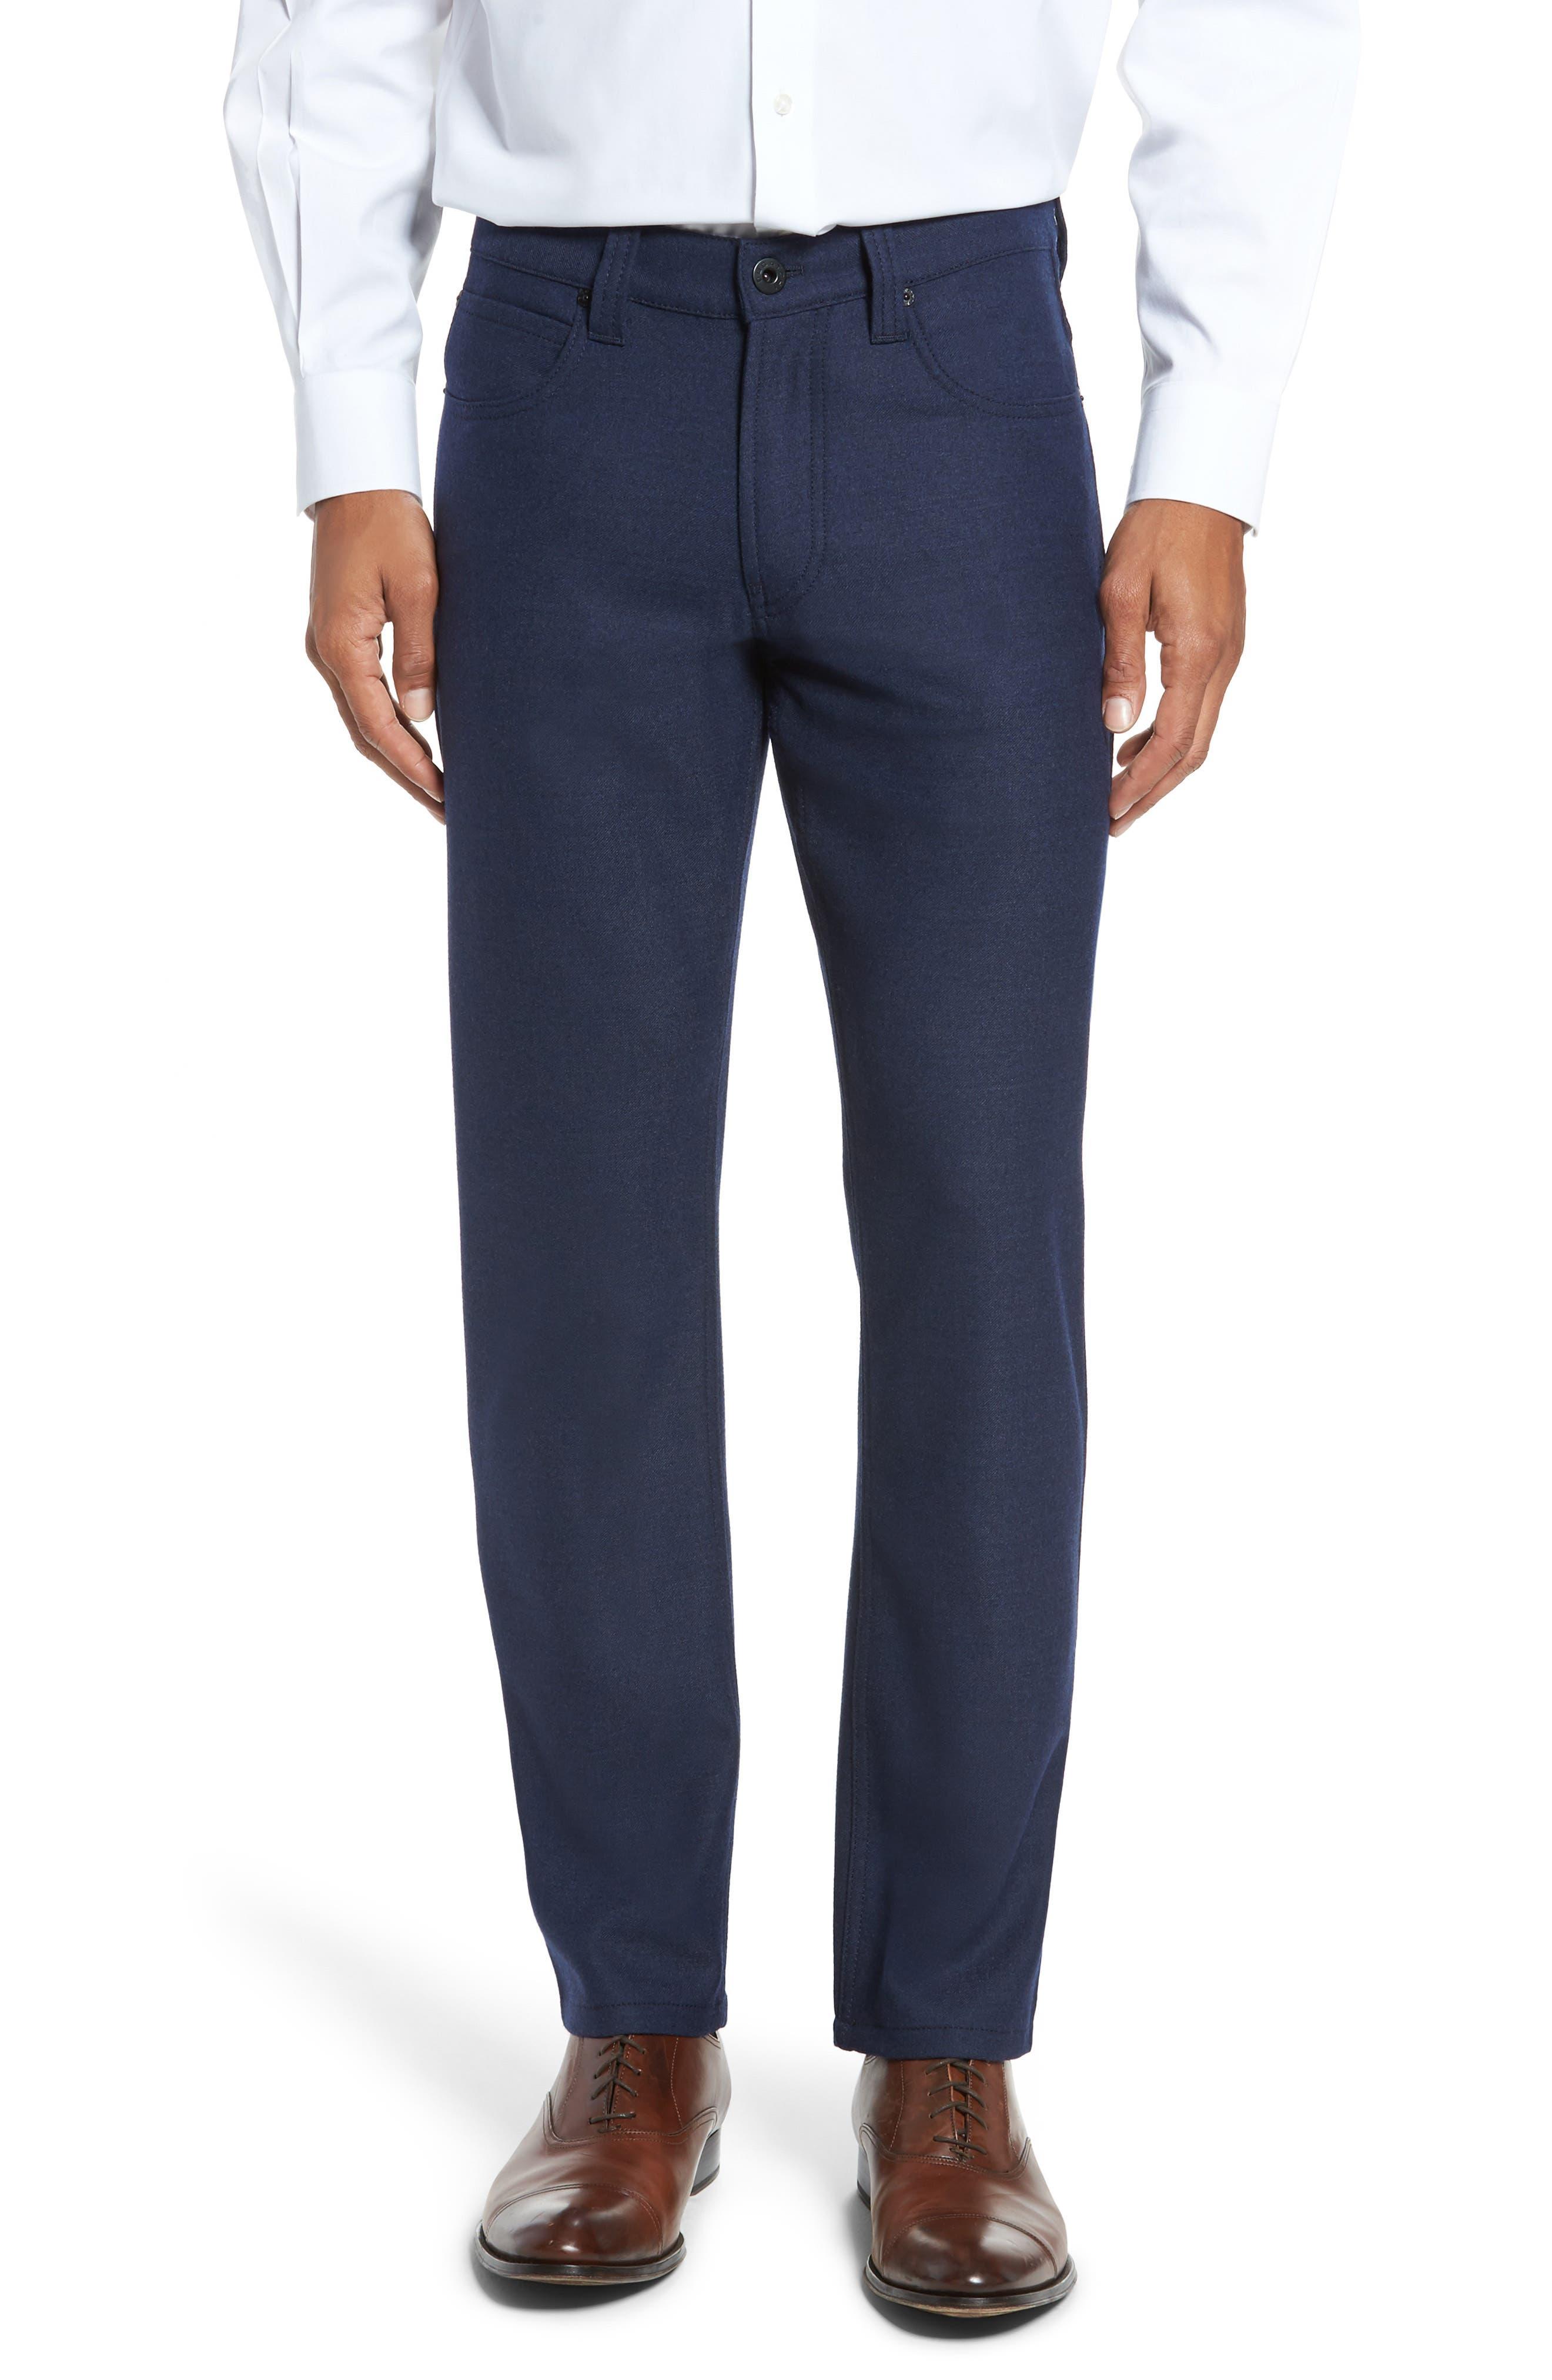 Wool Blend Pants,                             Main thumbnail 1, color,                             Navy